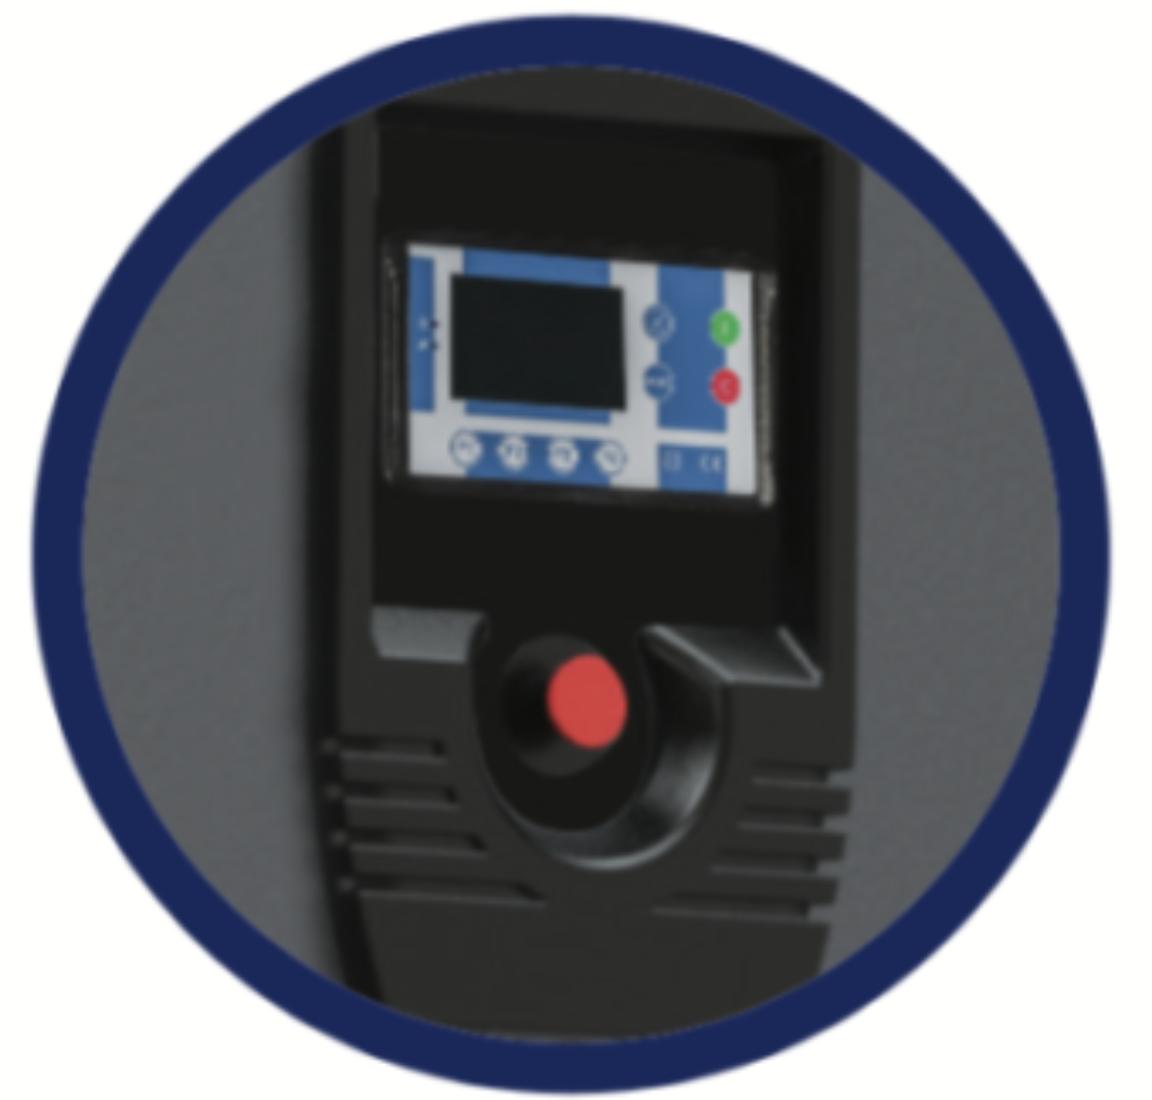 Sterownik elektroniczny Logik 33S bezolejowej sprężarki śrubowej